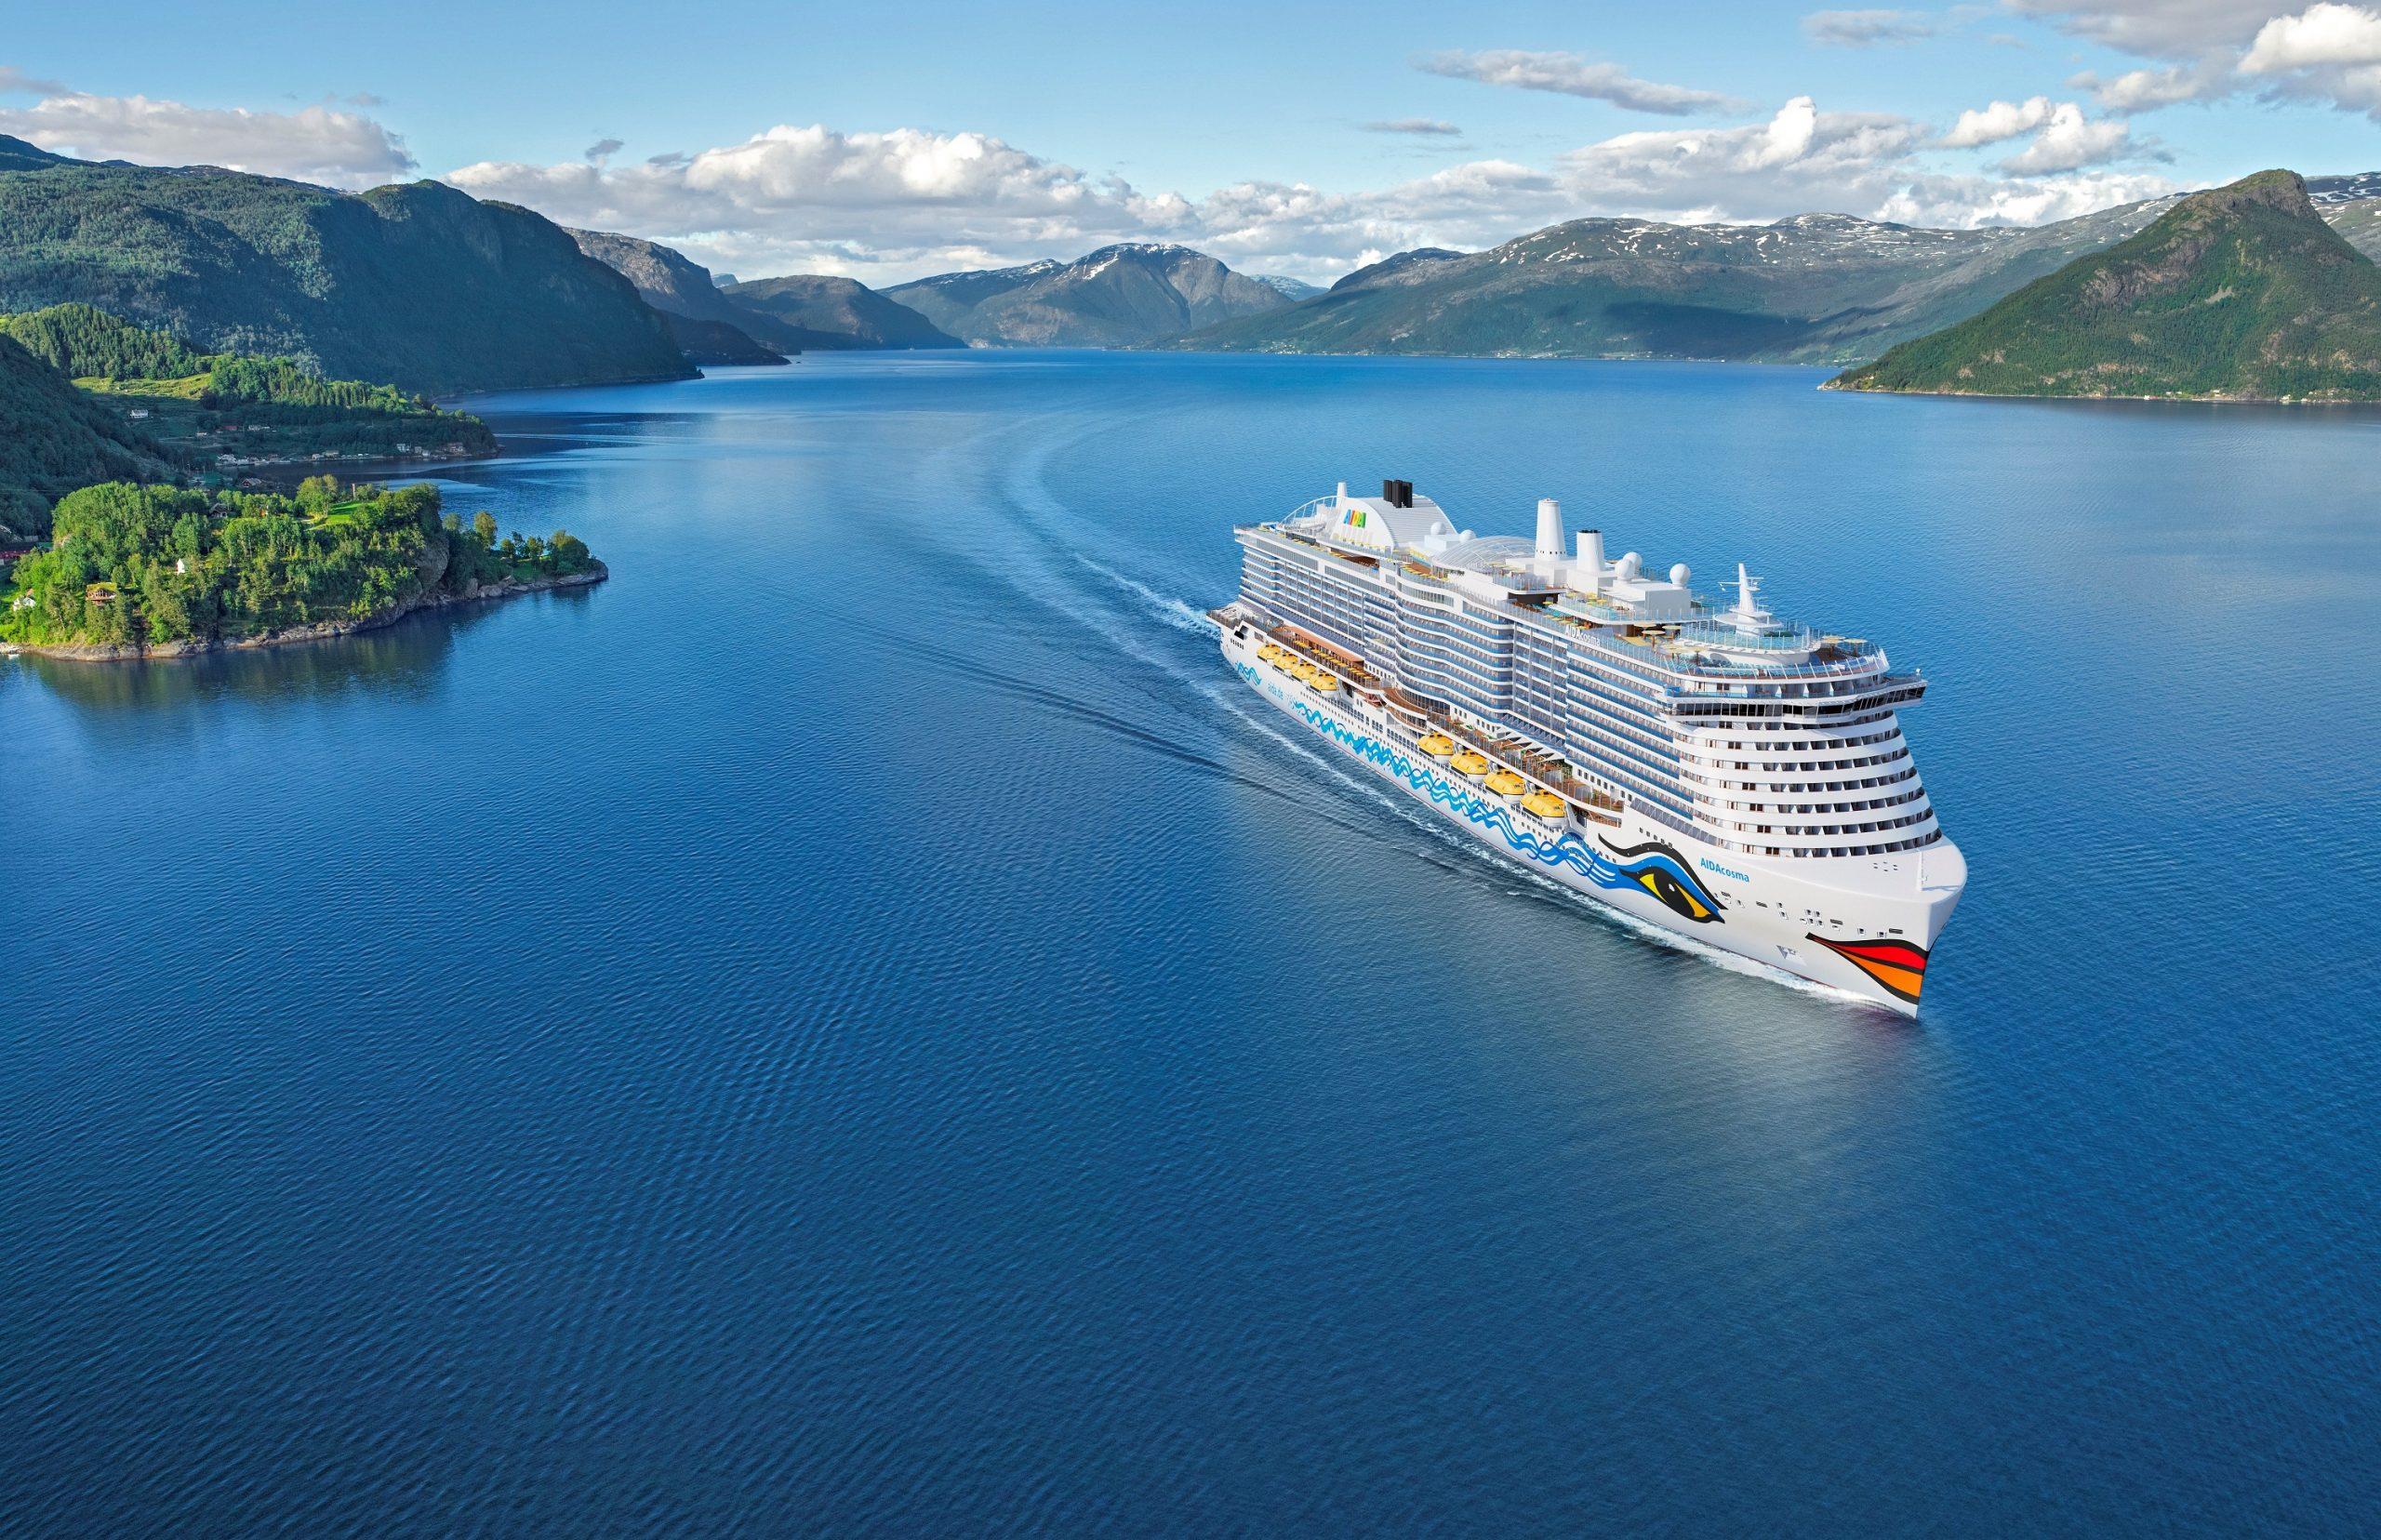 Gleich vier deutsche Häfen werden Abfahrtsort für Schiffe der AIDA-Flotte im jetzt vorgelegten Sommerprogramm für die Saison 2022.